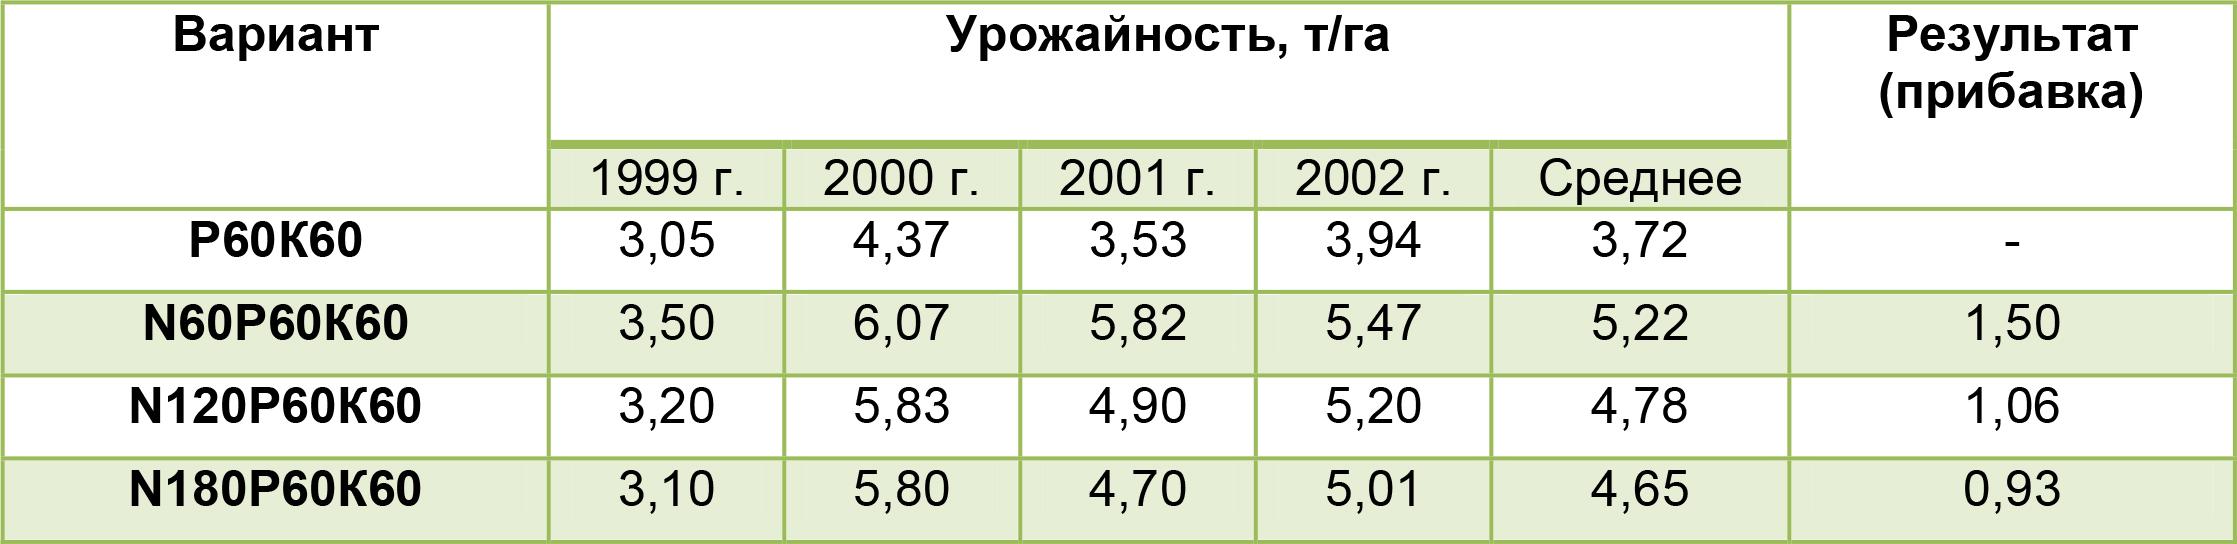 Действие азотных удобрений на урожай озимой пшеницы на черноземе обычном, т/га